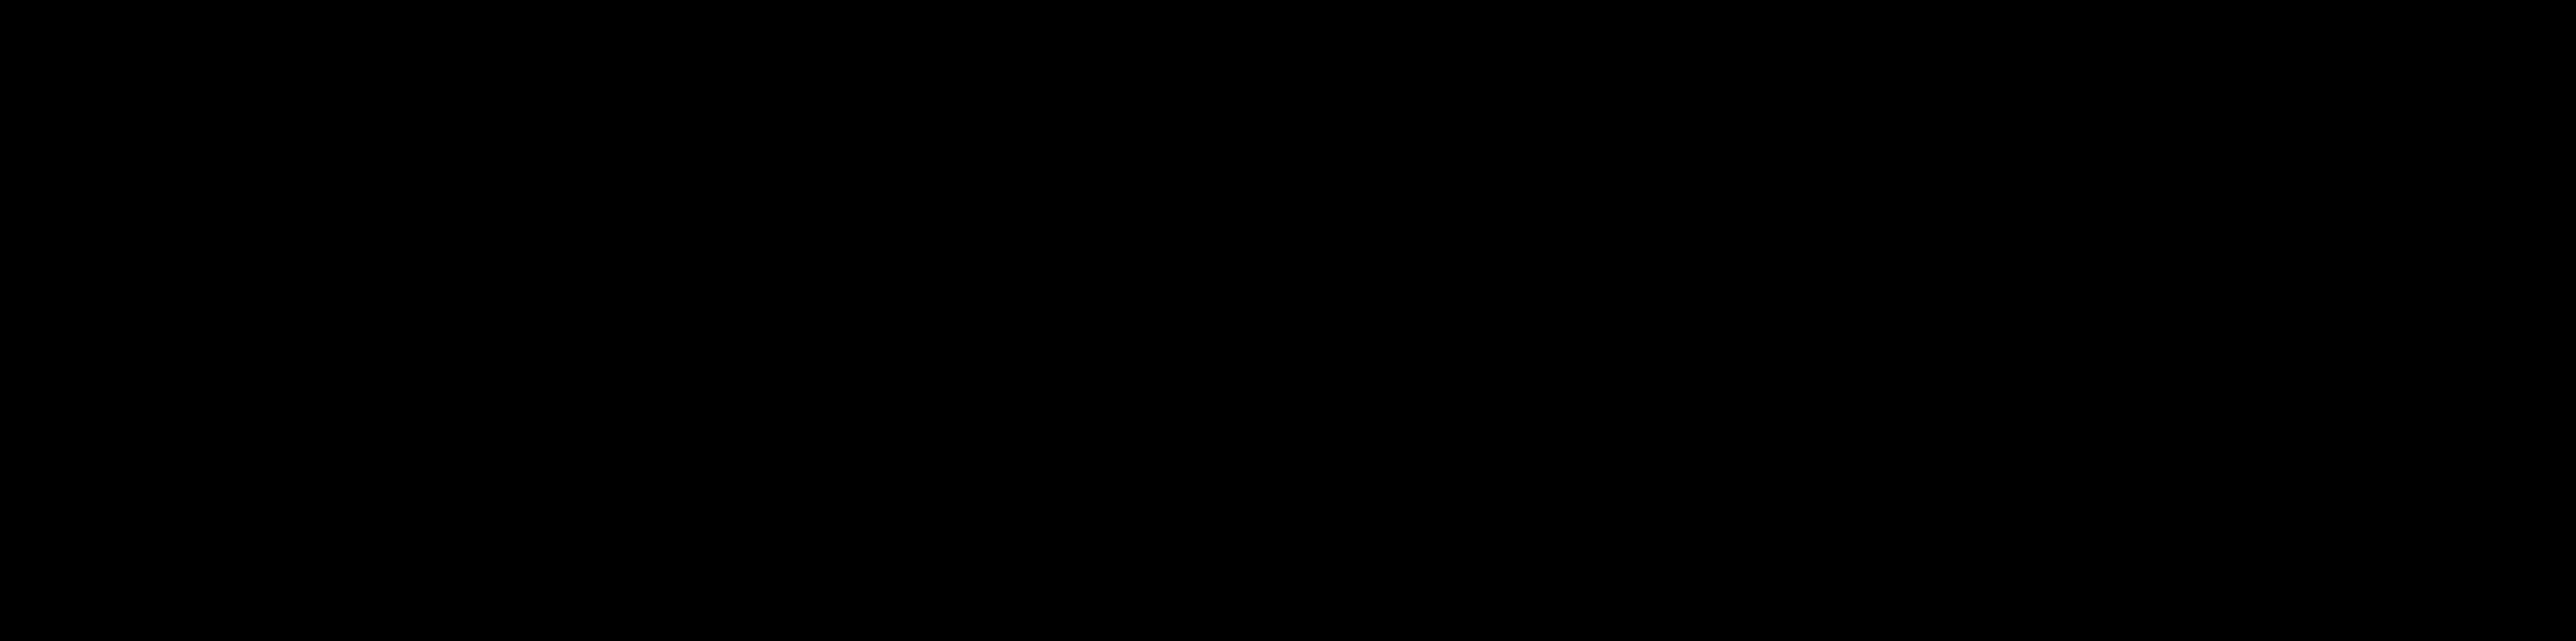 ARQUITECTURA, OBRAS, CONSULTORIAA, DECORAÇÃO